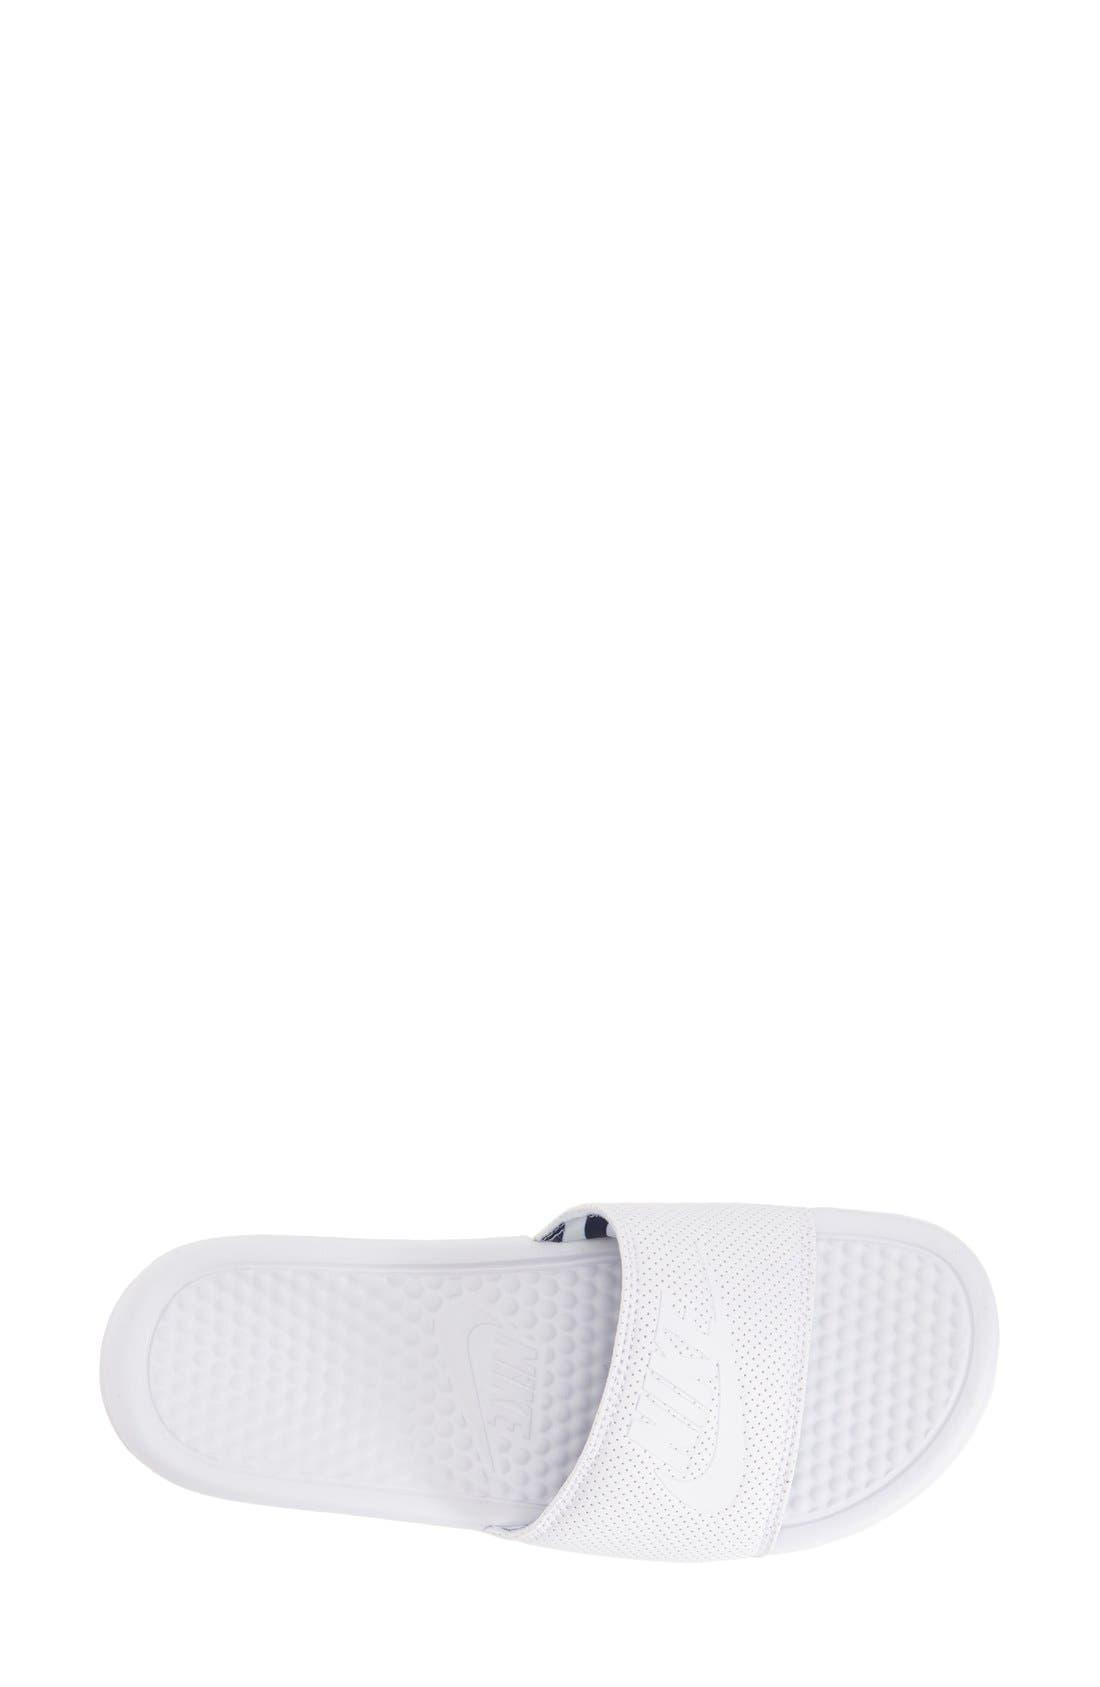 Alternate Image 4  - Nike 'Benassi - Just Do It' Slide Sandal (Women)